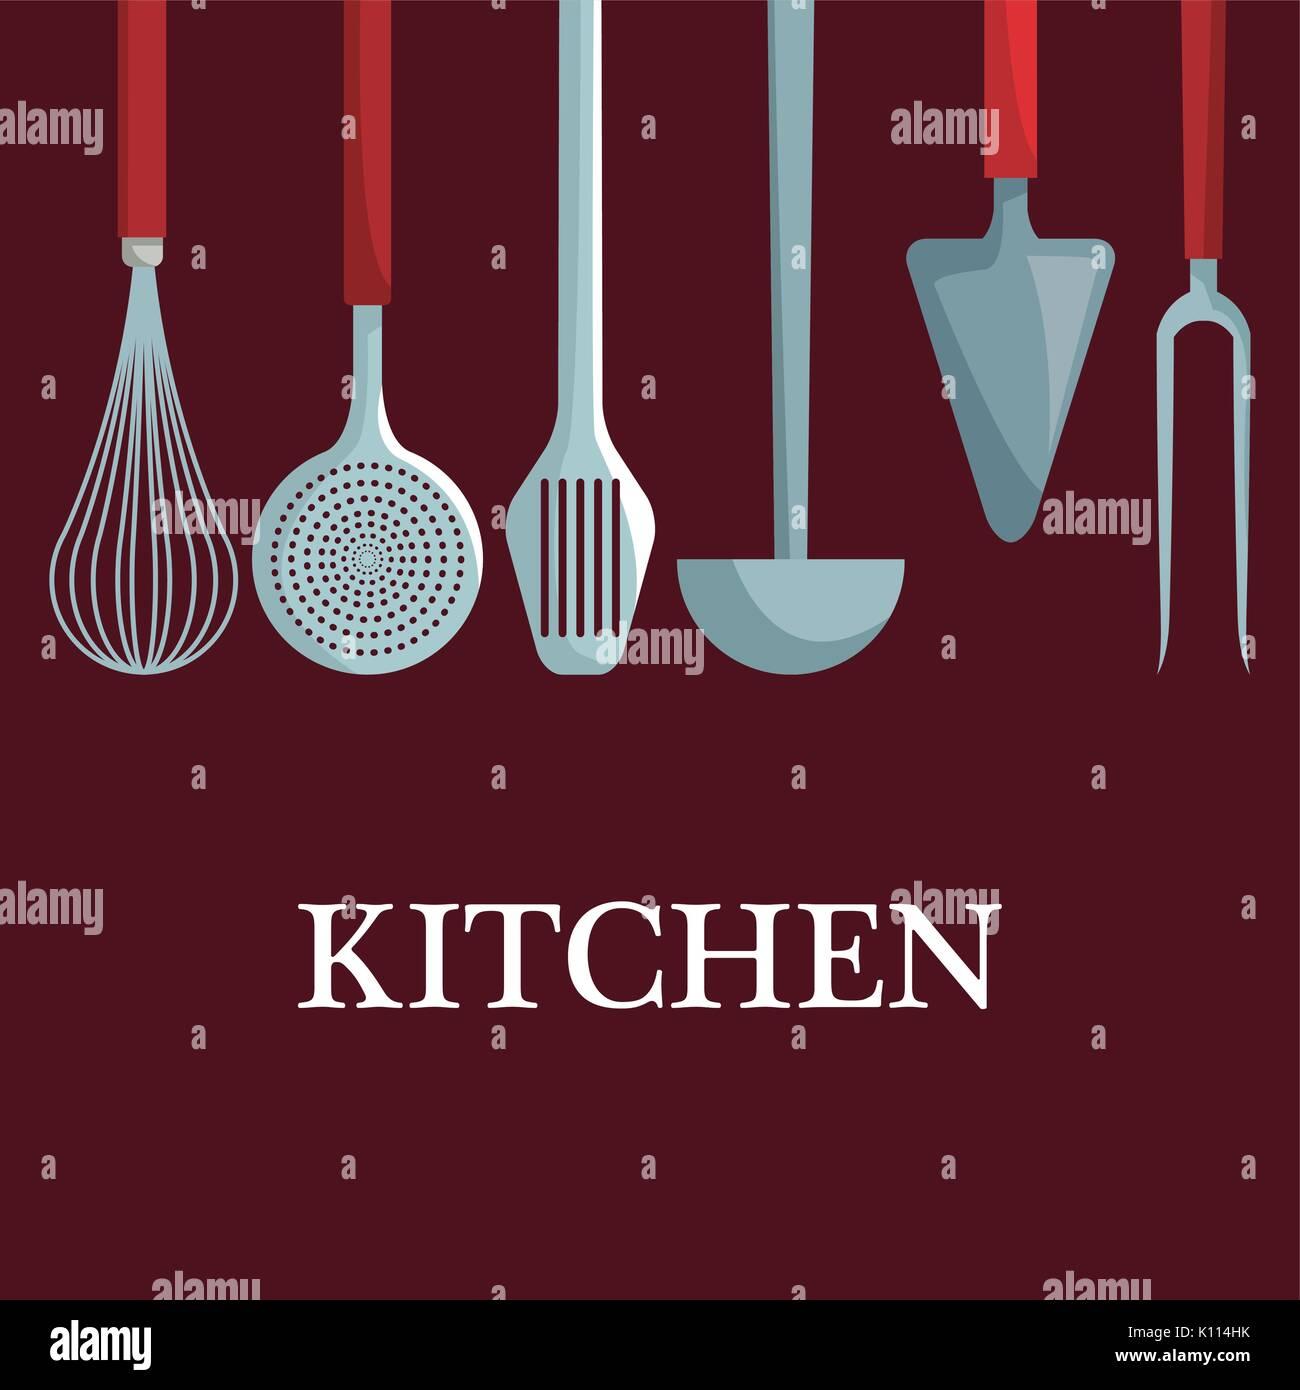 Kitchen Utensils Illustration Stockfotos & Kitchen Utensils ...